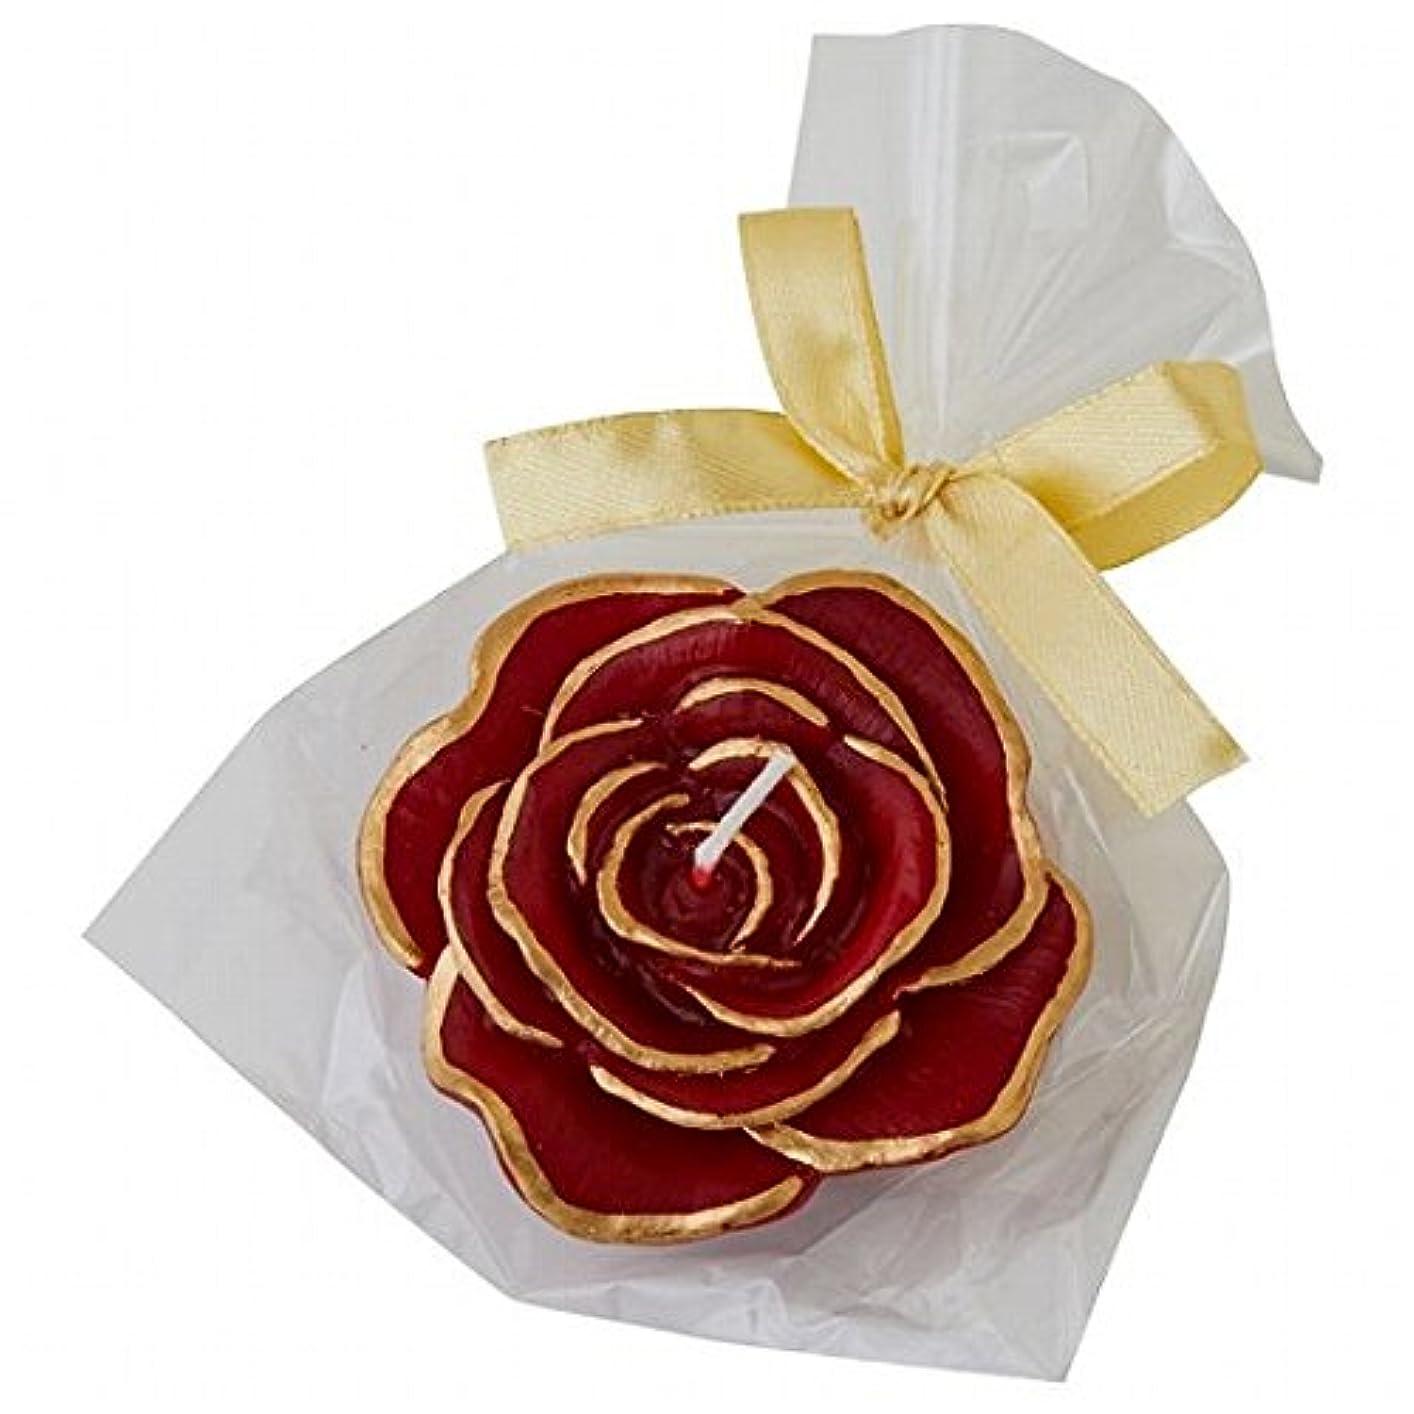 うるさい高くドリンクカメヤマキャンドル(kameyama candle) プリンセスローズ キャンドル 「ワインレッド」